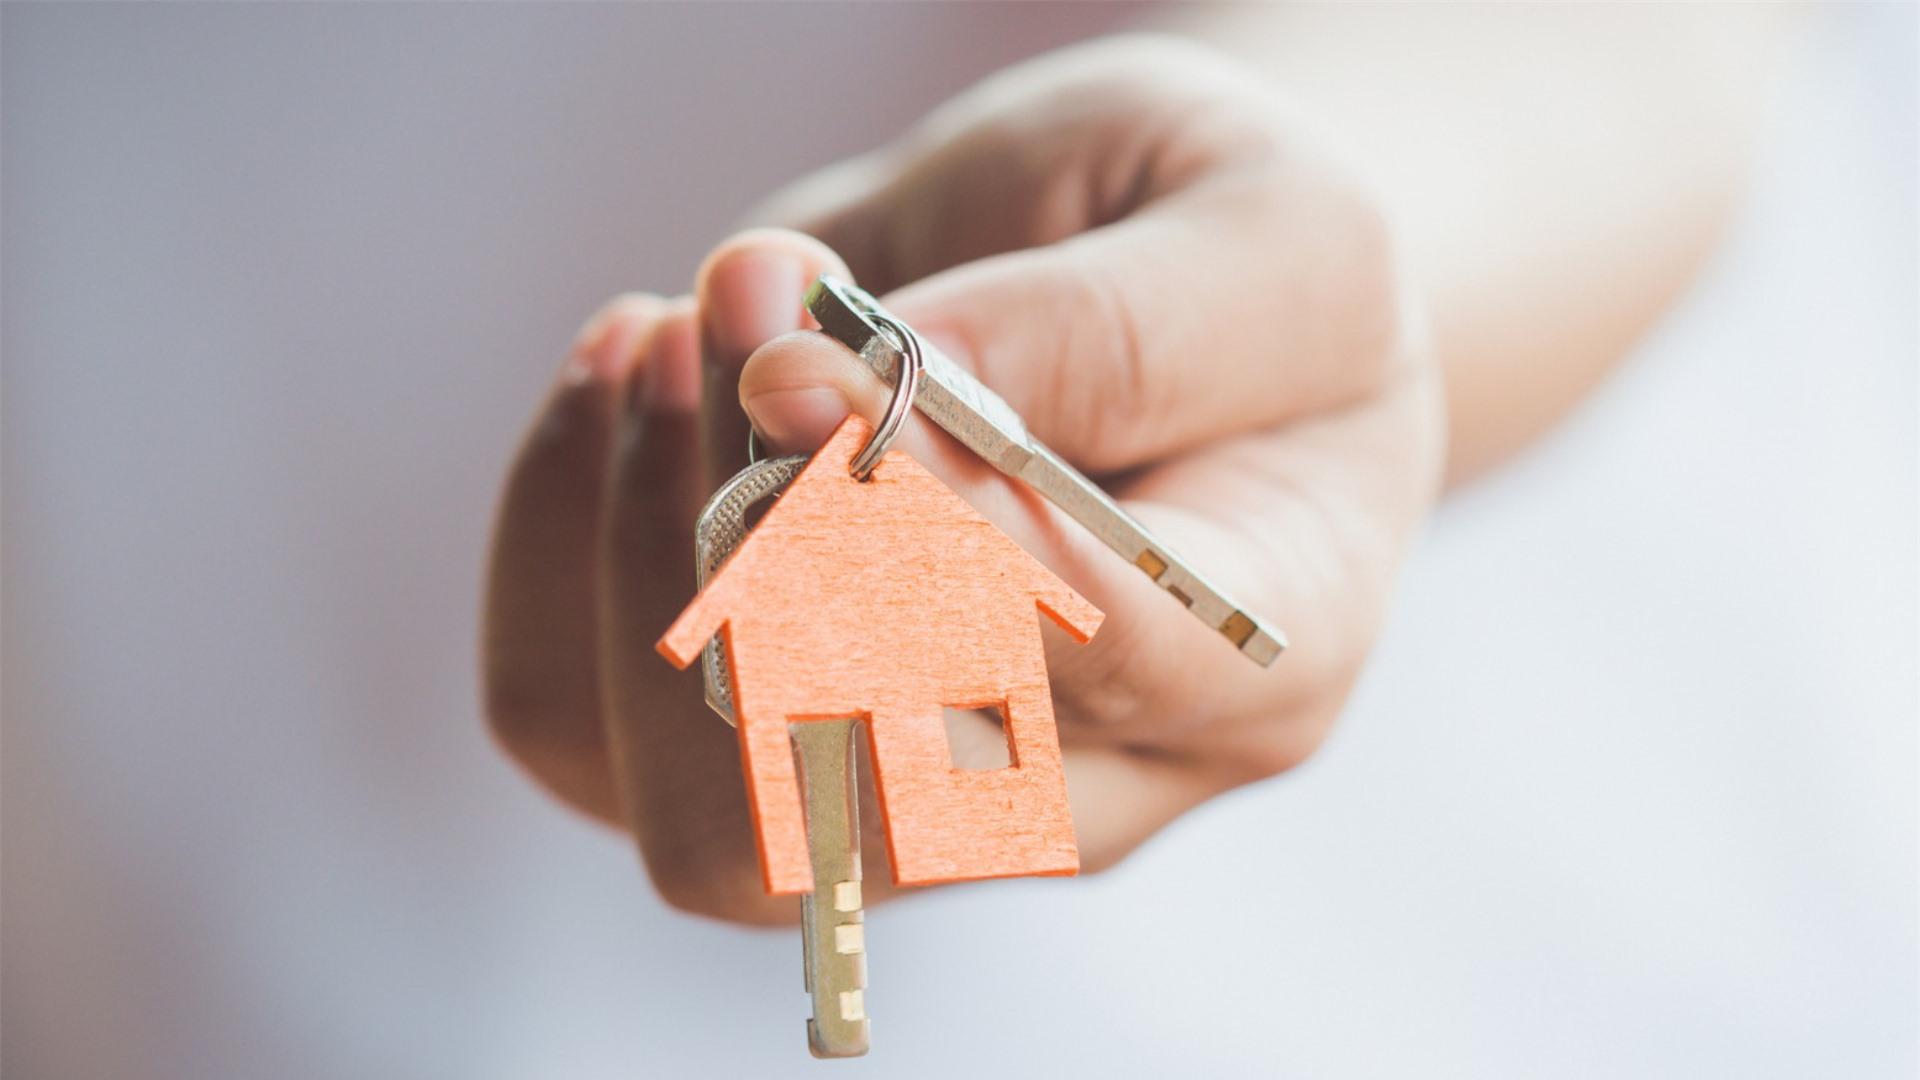 4 lỗi sai khi mua nhà lần đầu bạn cần tránh - Ảnh 2.